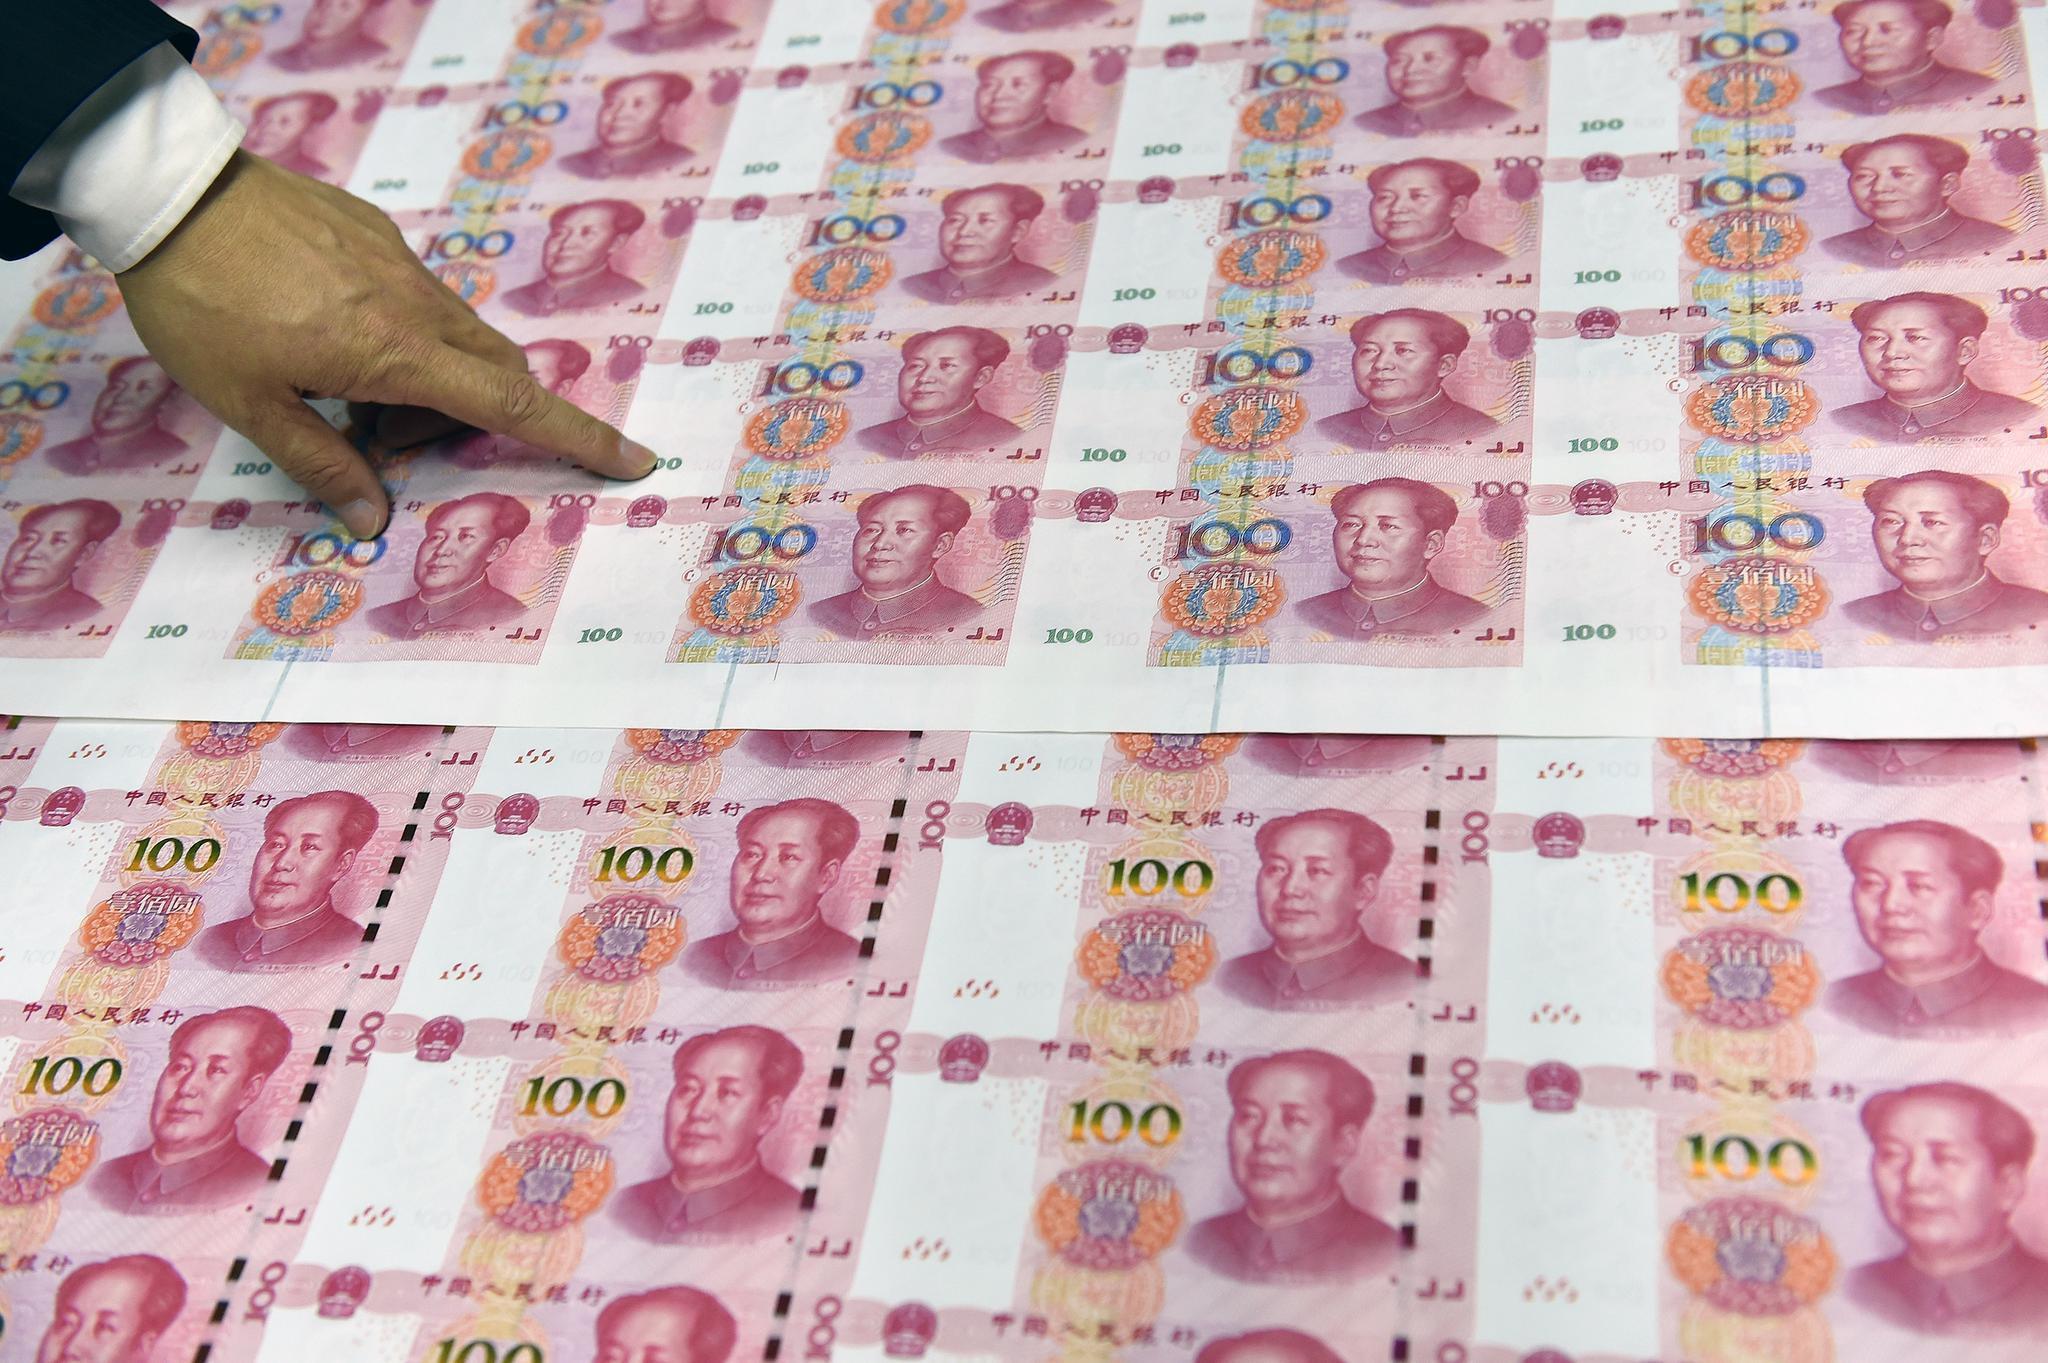 央行开展100亿元逆回购操作 本周净回笼2700亿元